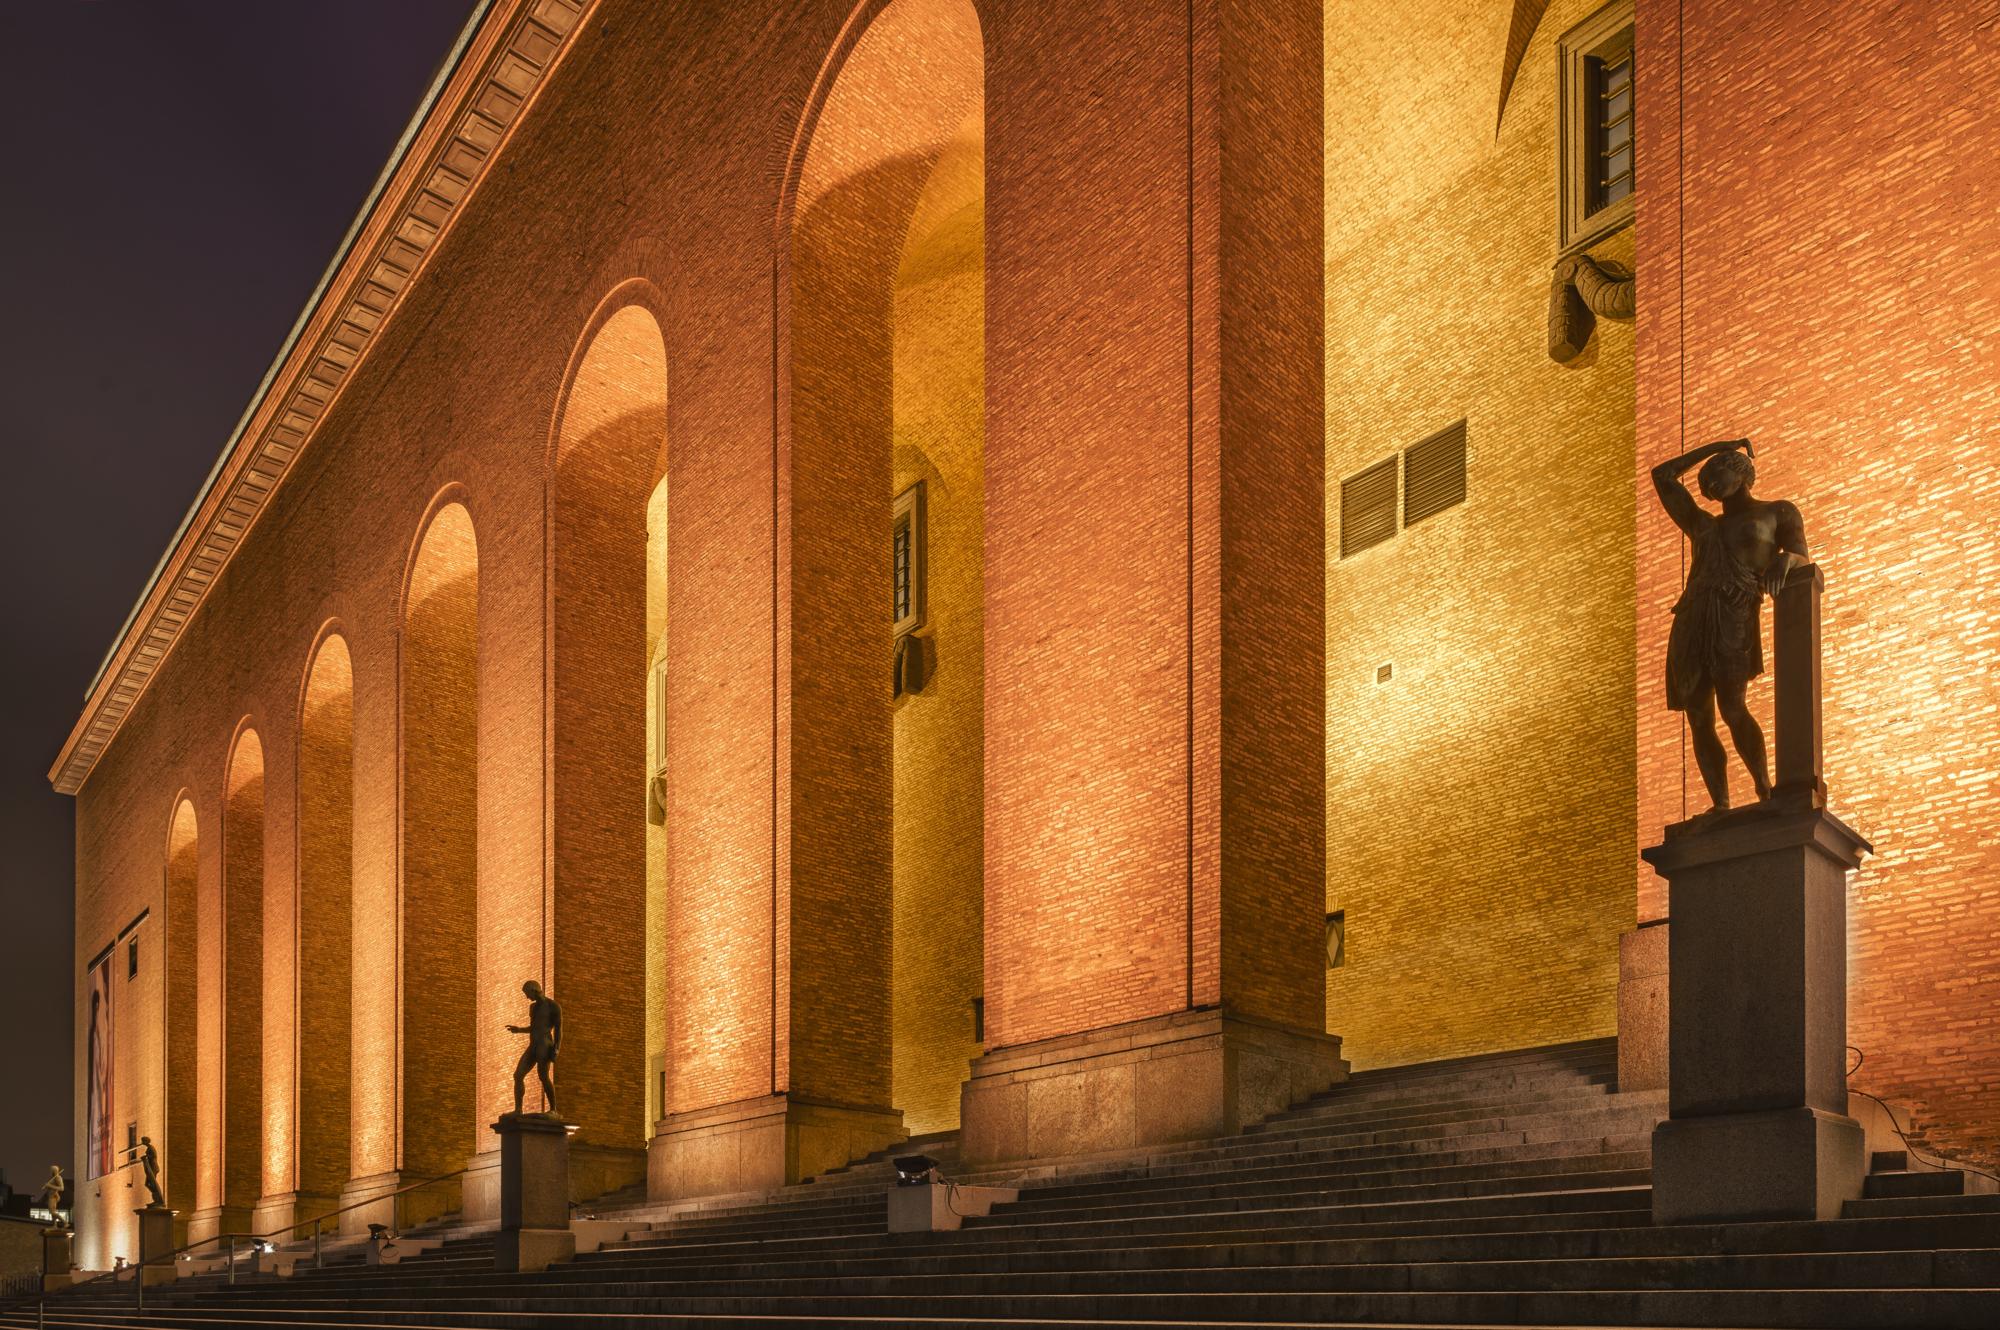 Del av Göteborgs konstmuseums fasad framifrån belyst med orange ljus